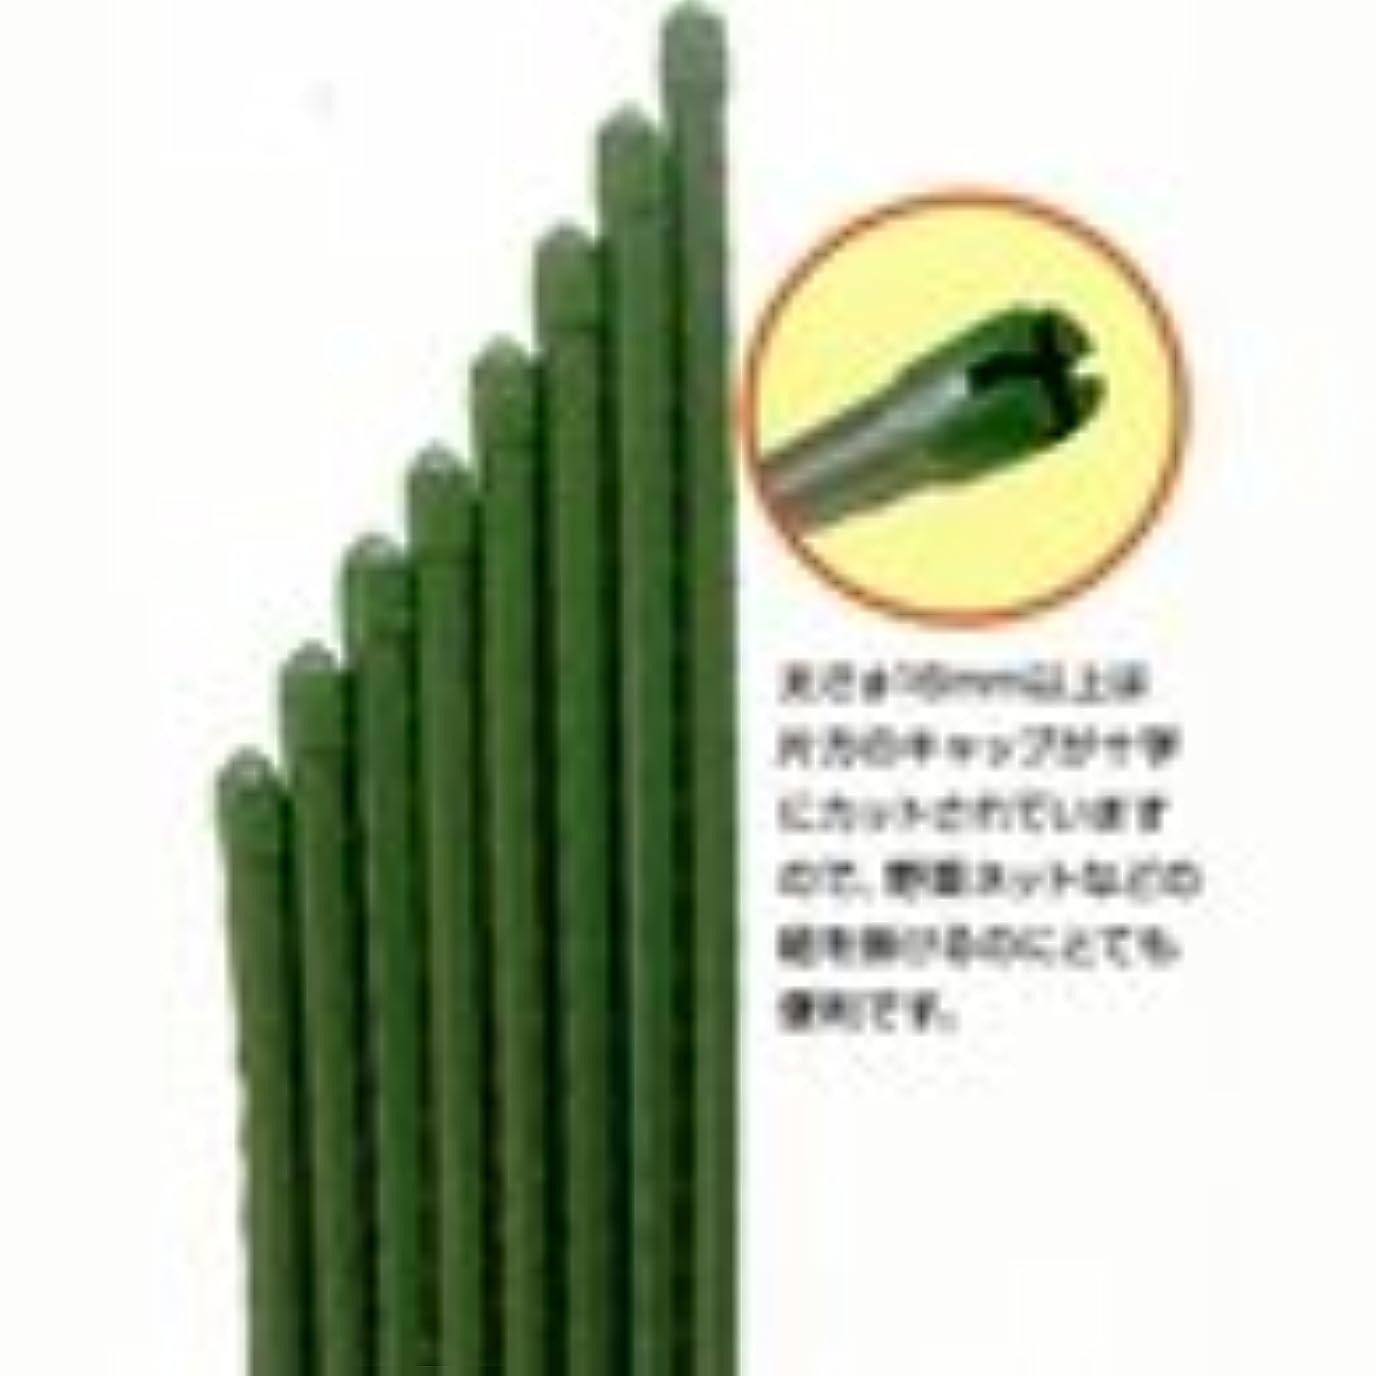 決定豊富に振る舞いイボ竹シルバー 口径20mm×長さ210cm 50本